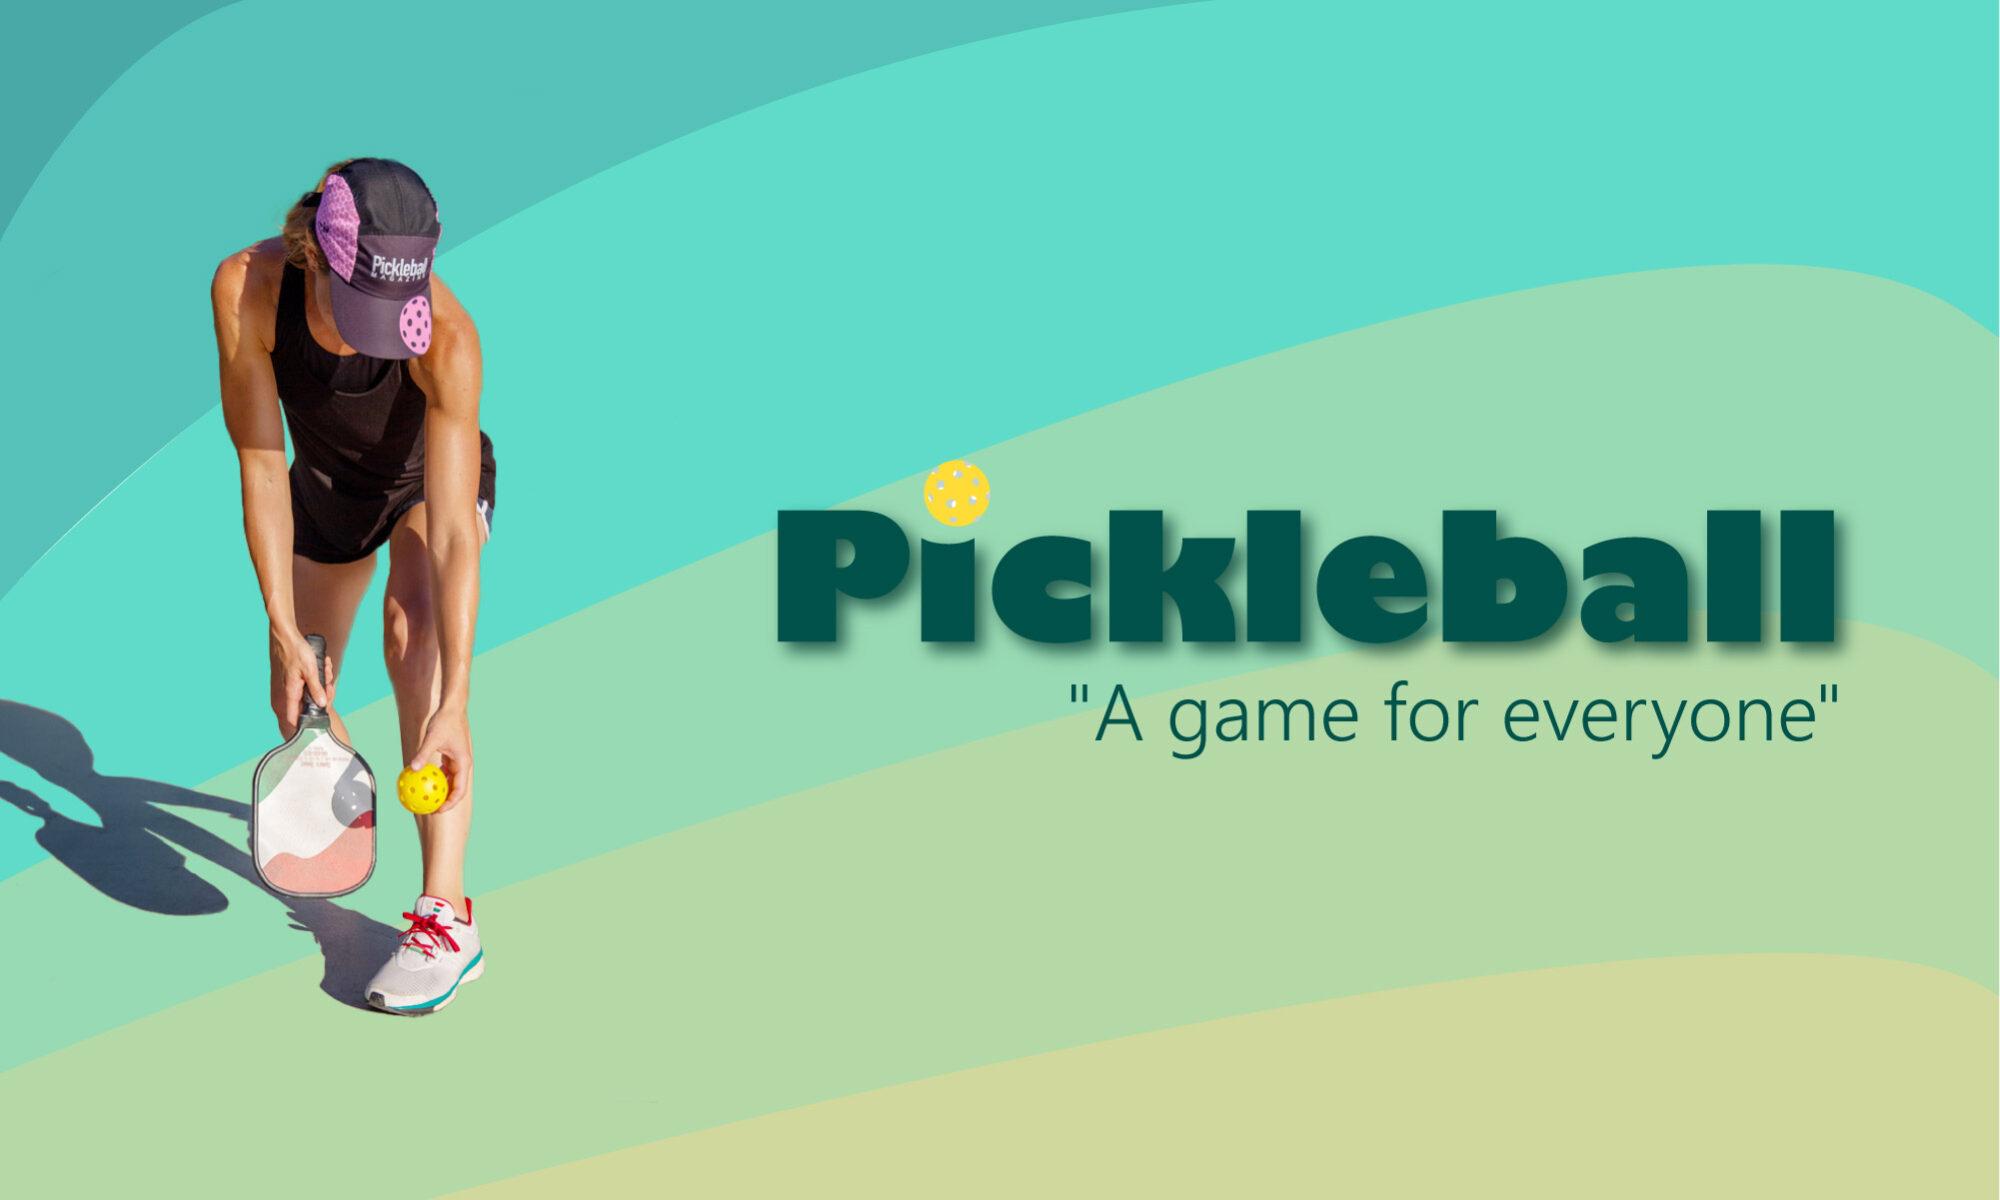 Pickleball.hu